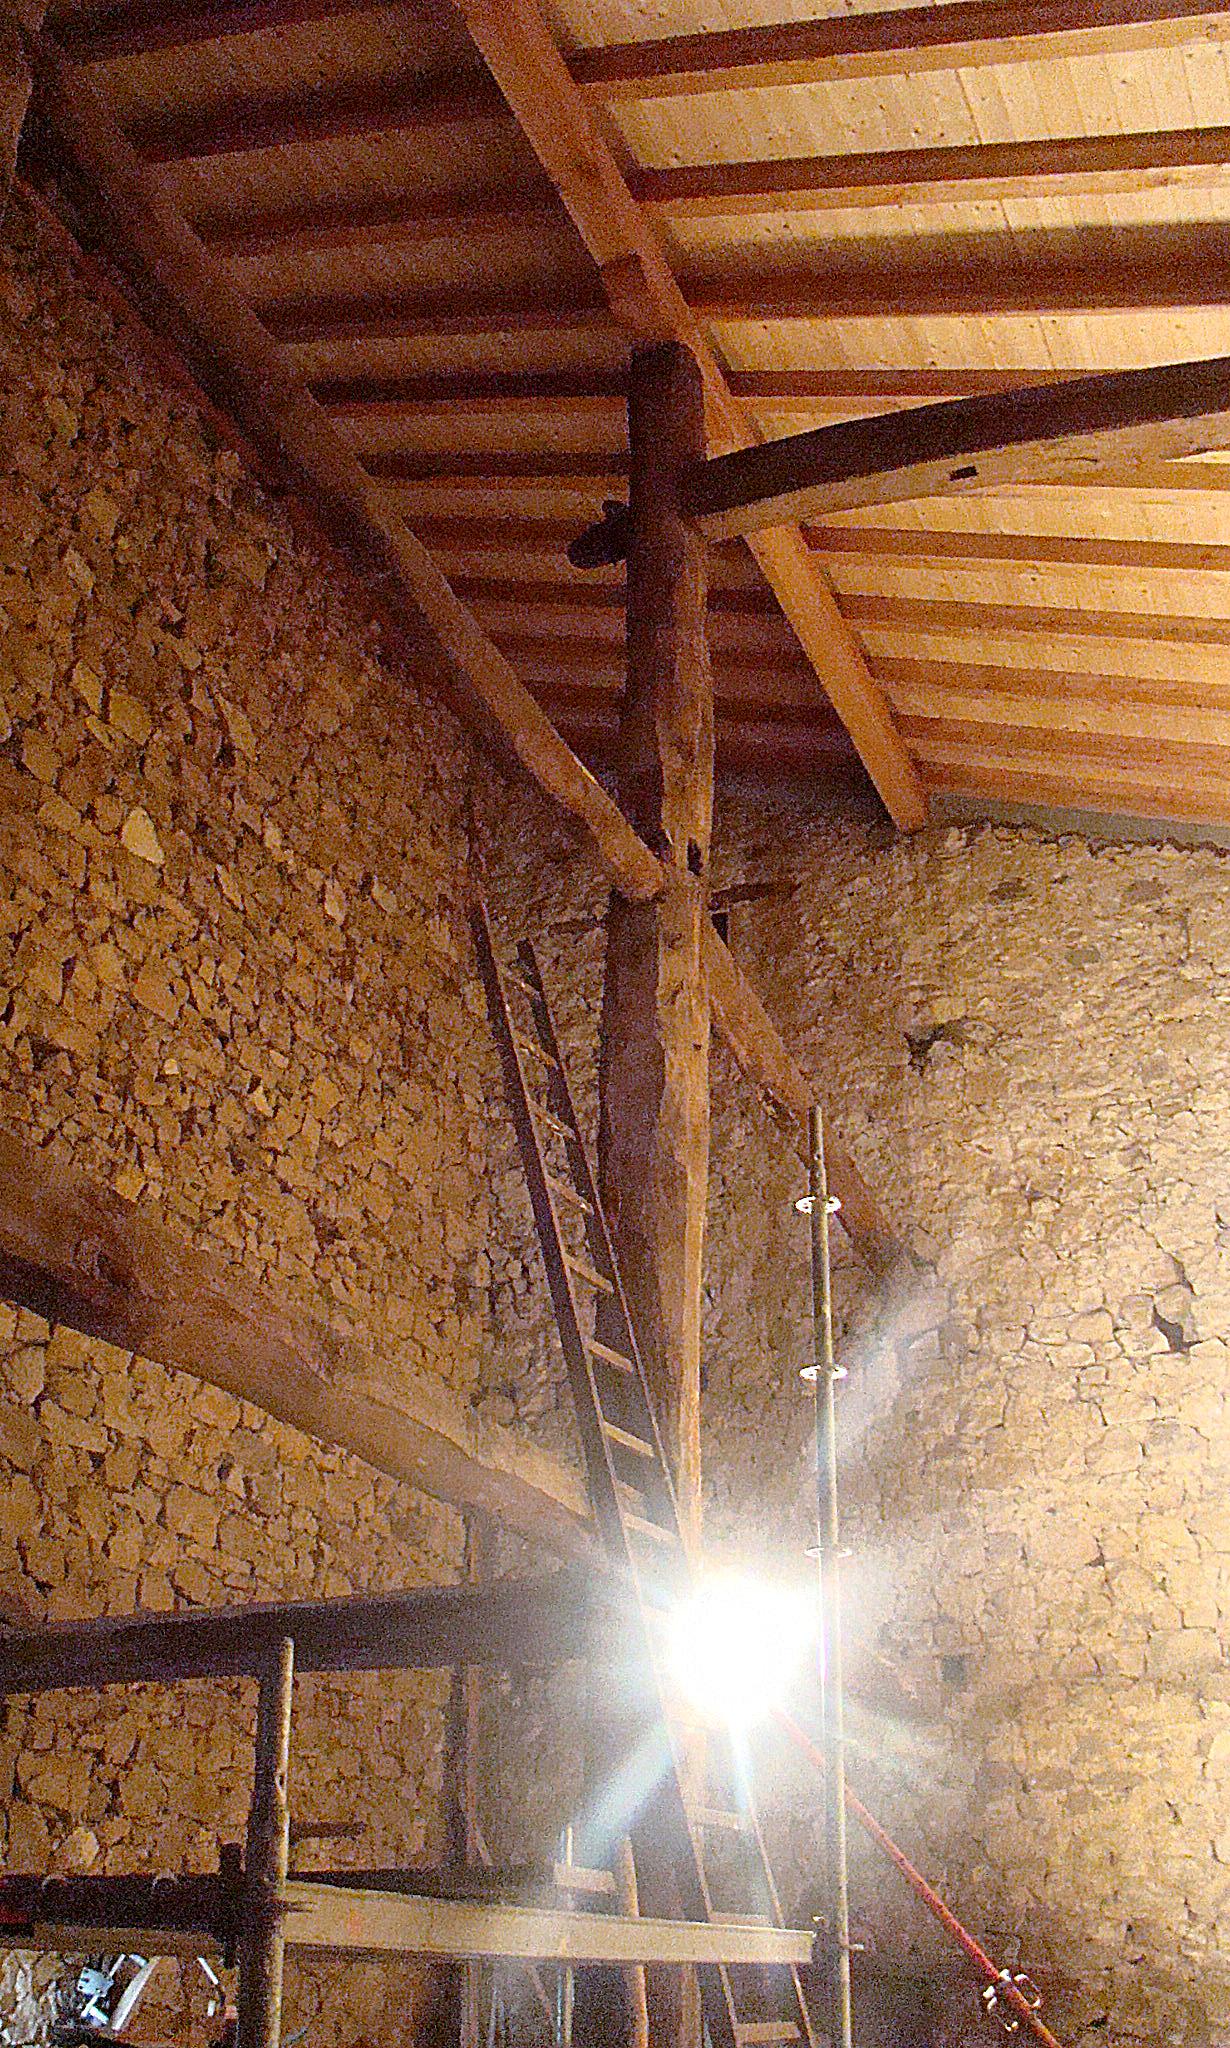 Vigas y pilares de madera maab arquitectura - Vigas de maderas ...